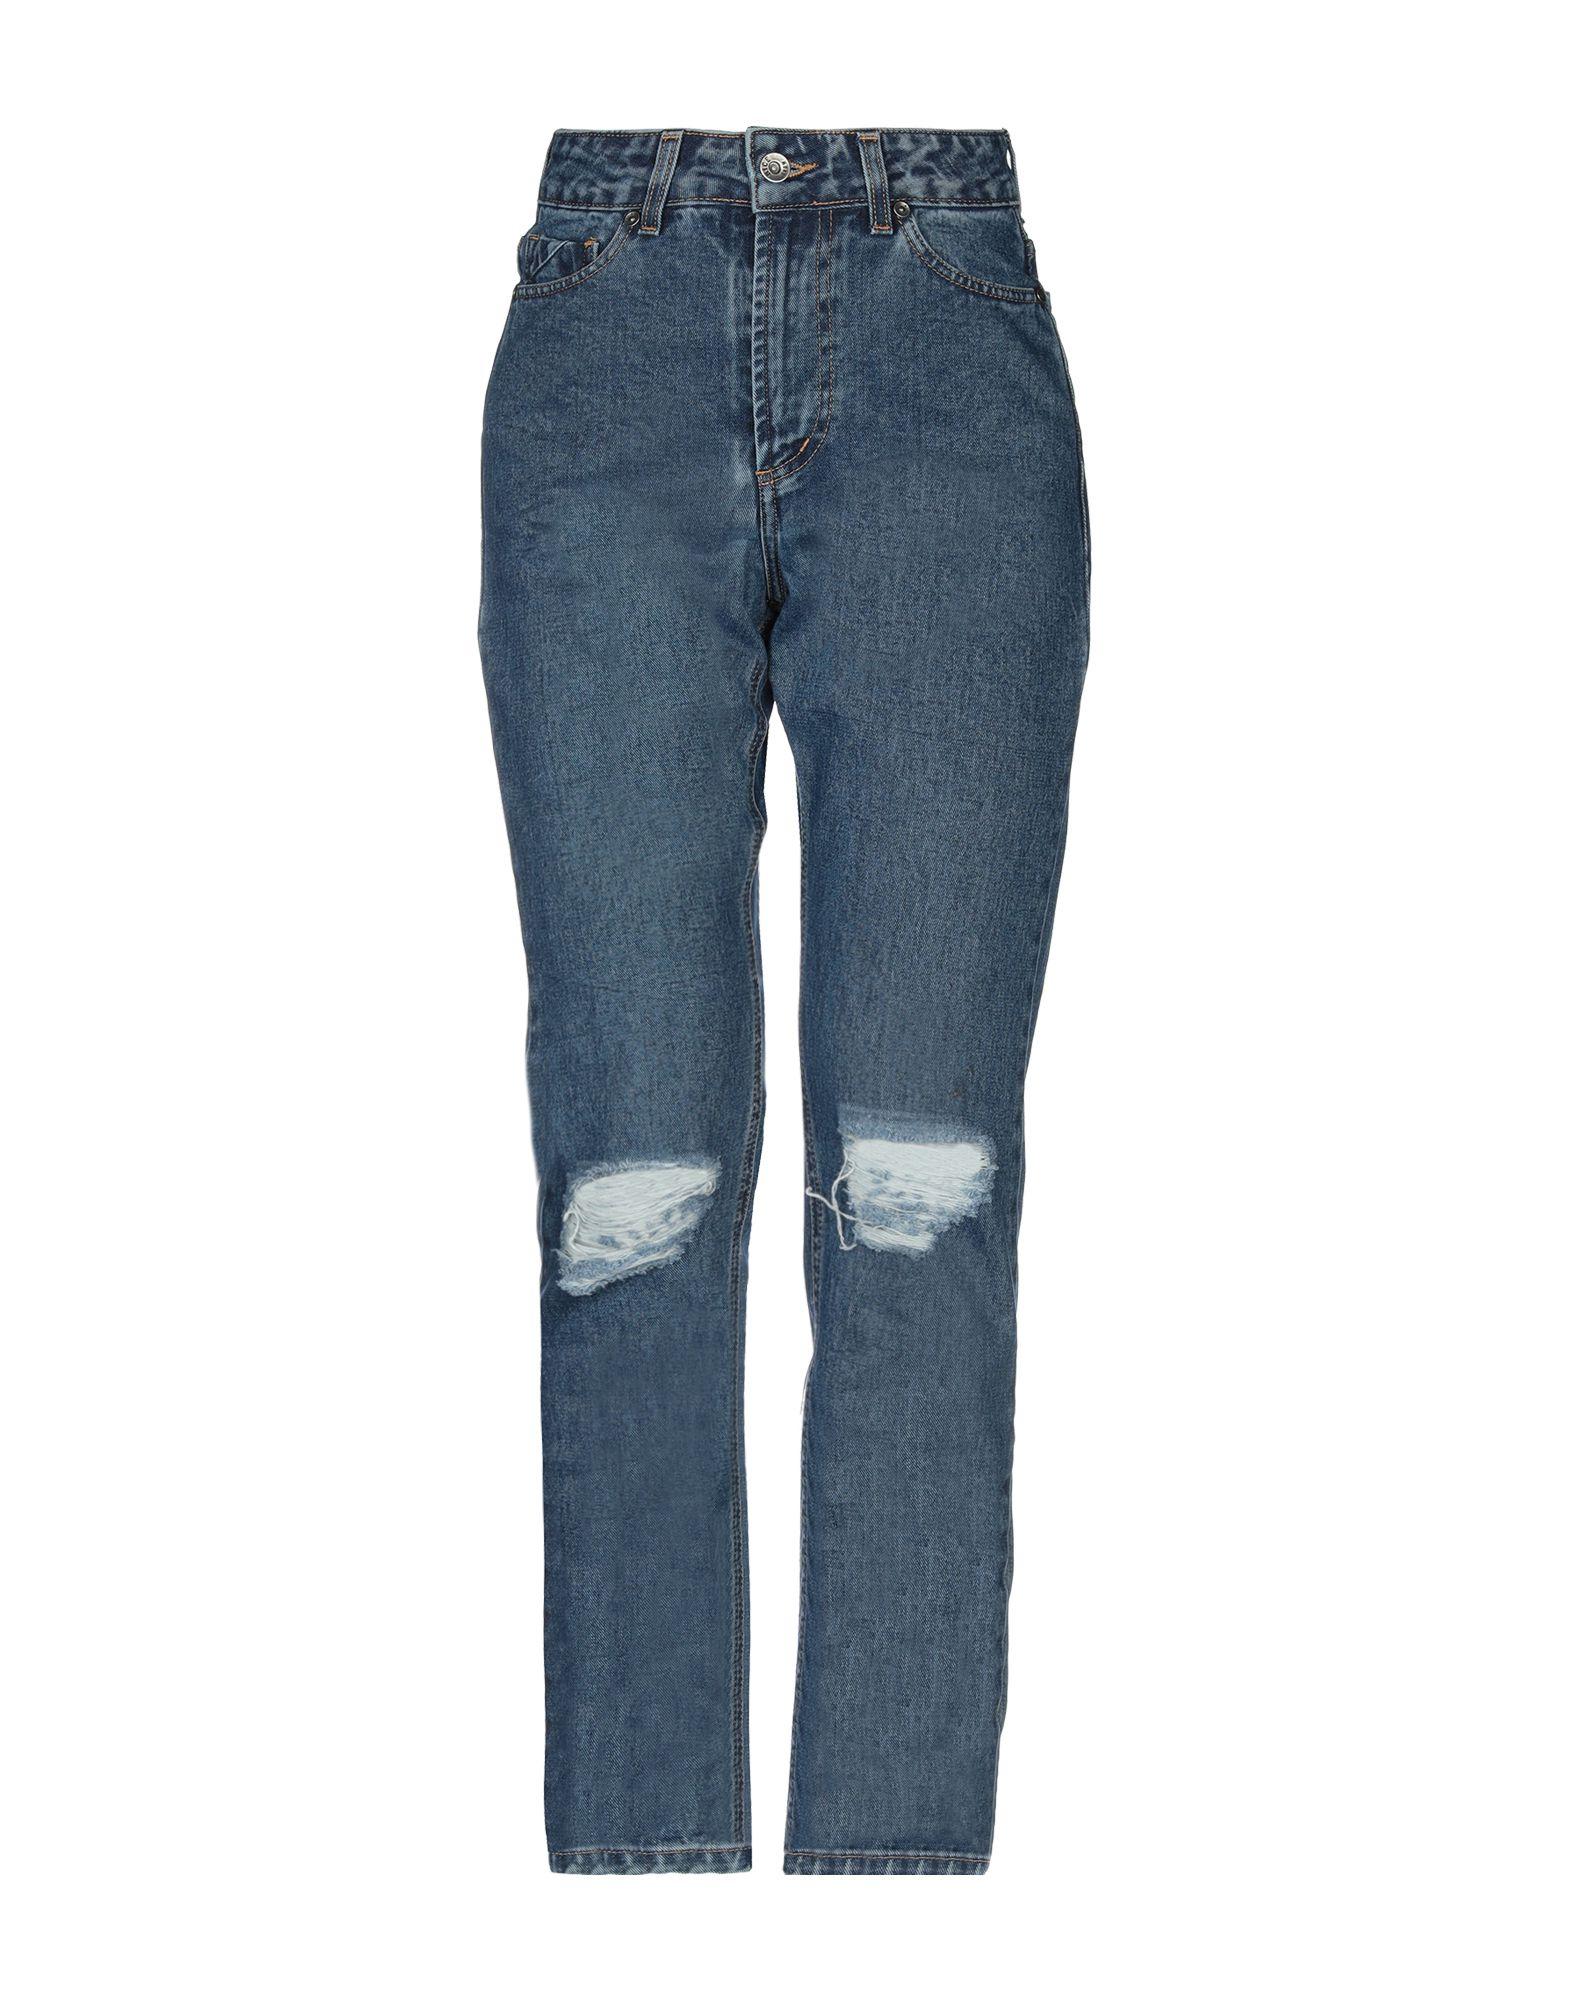 Pantaloni Jeans Nicebrand donna donna - 42701792JL  Sparen Sie bis zu 70% Rabatt